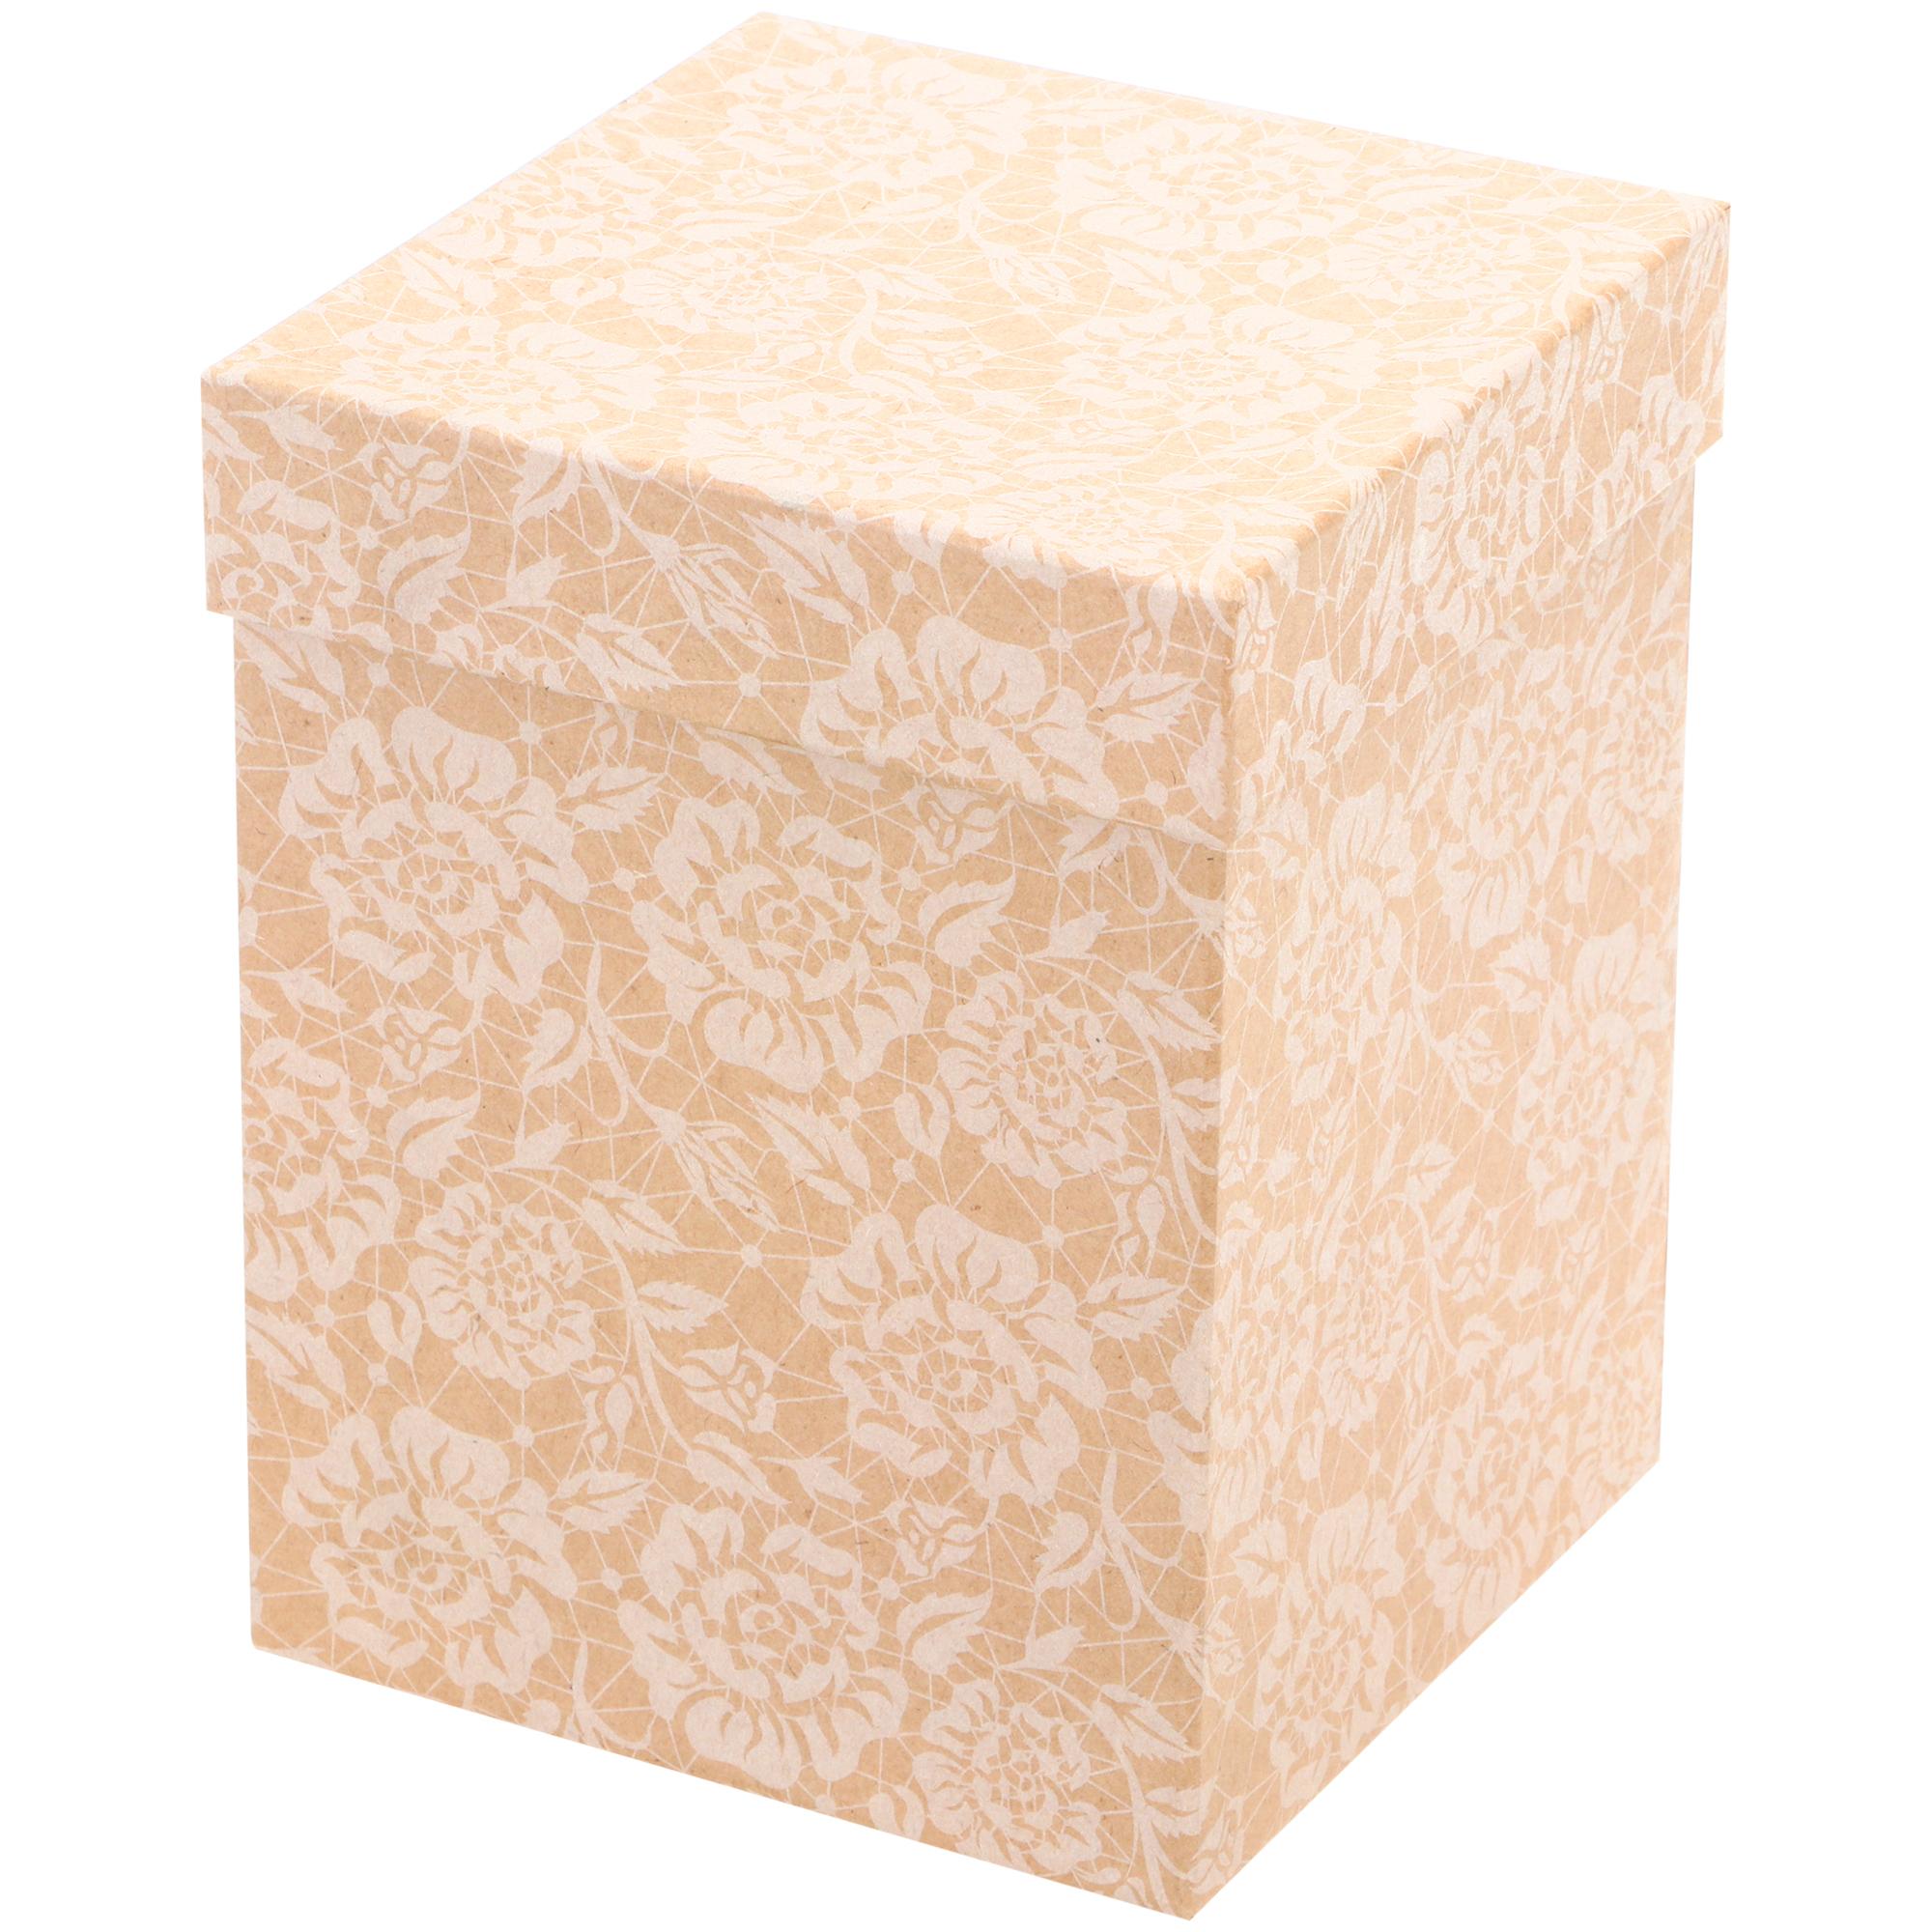 Коробка Grand Gift картонная крафт под кружку 13х13х17 см